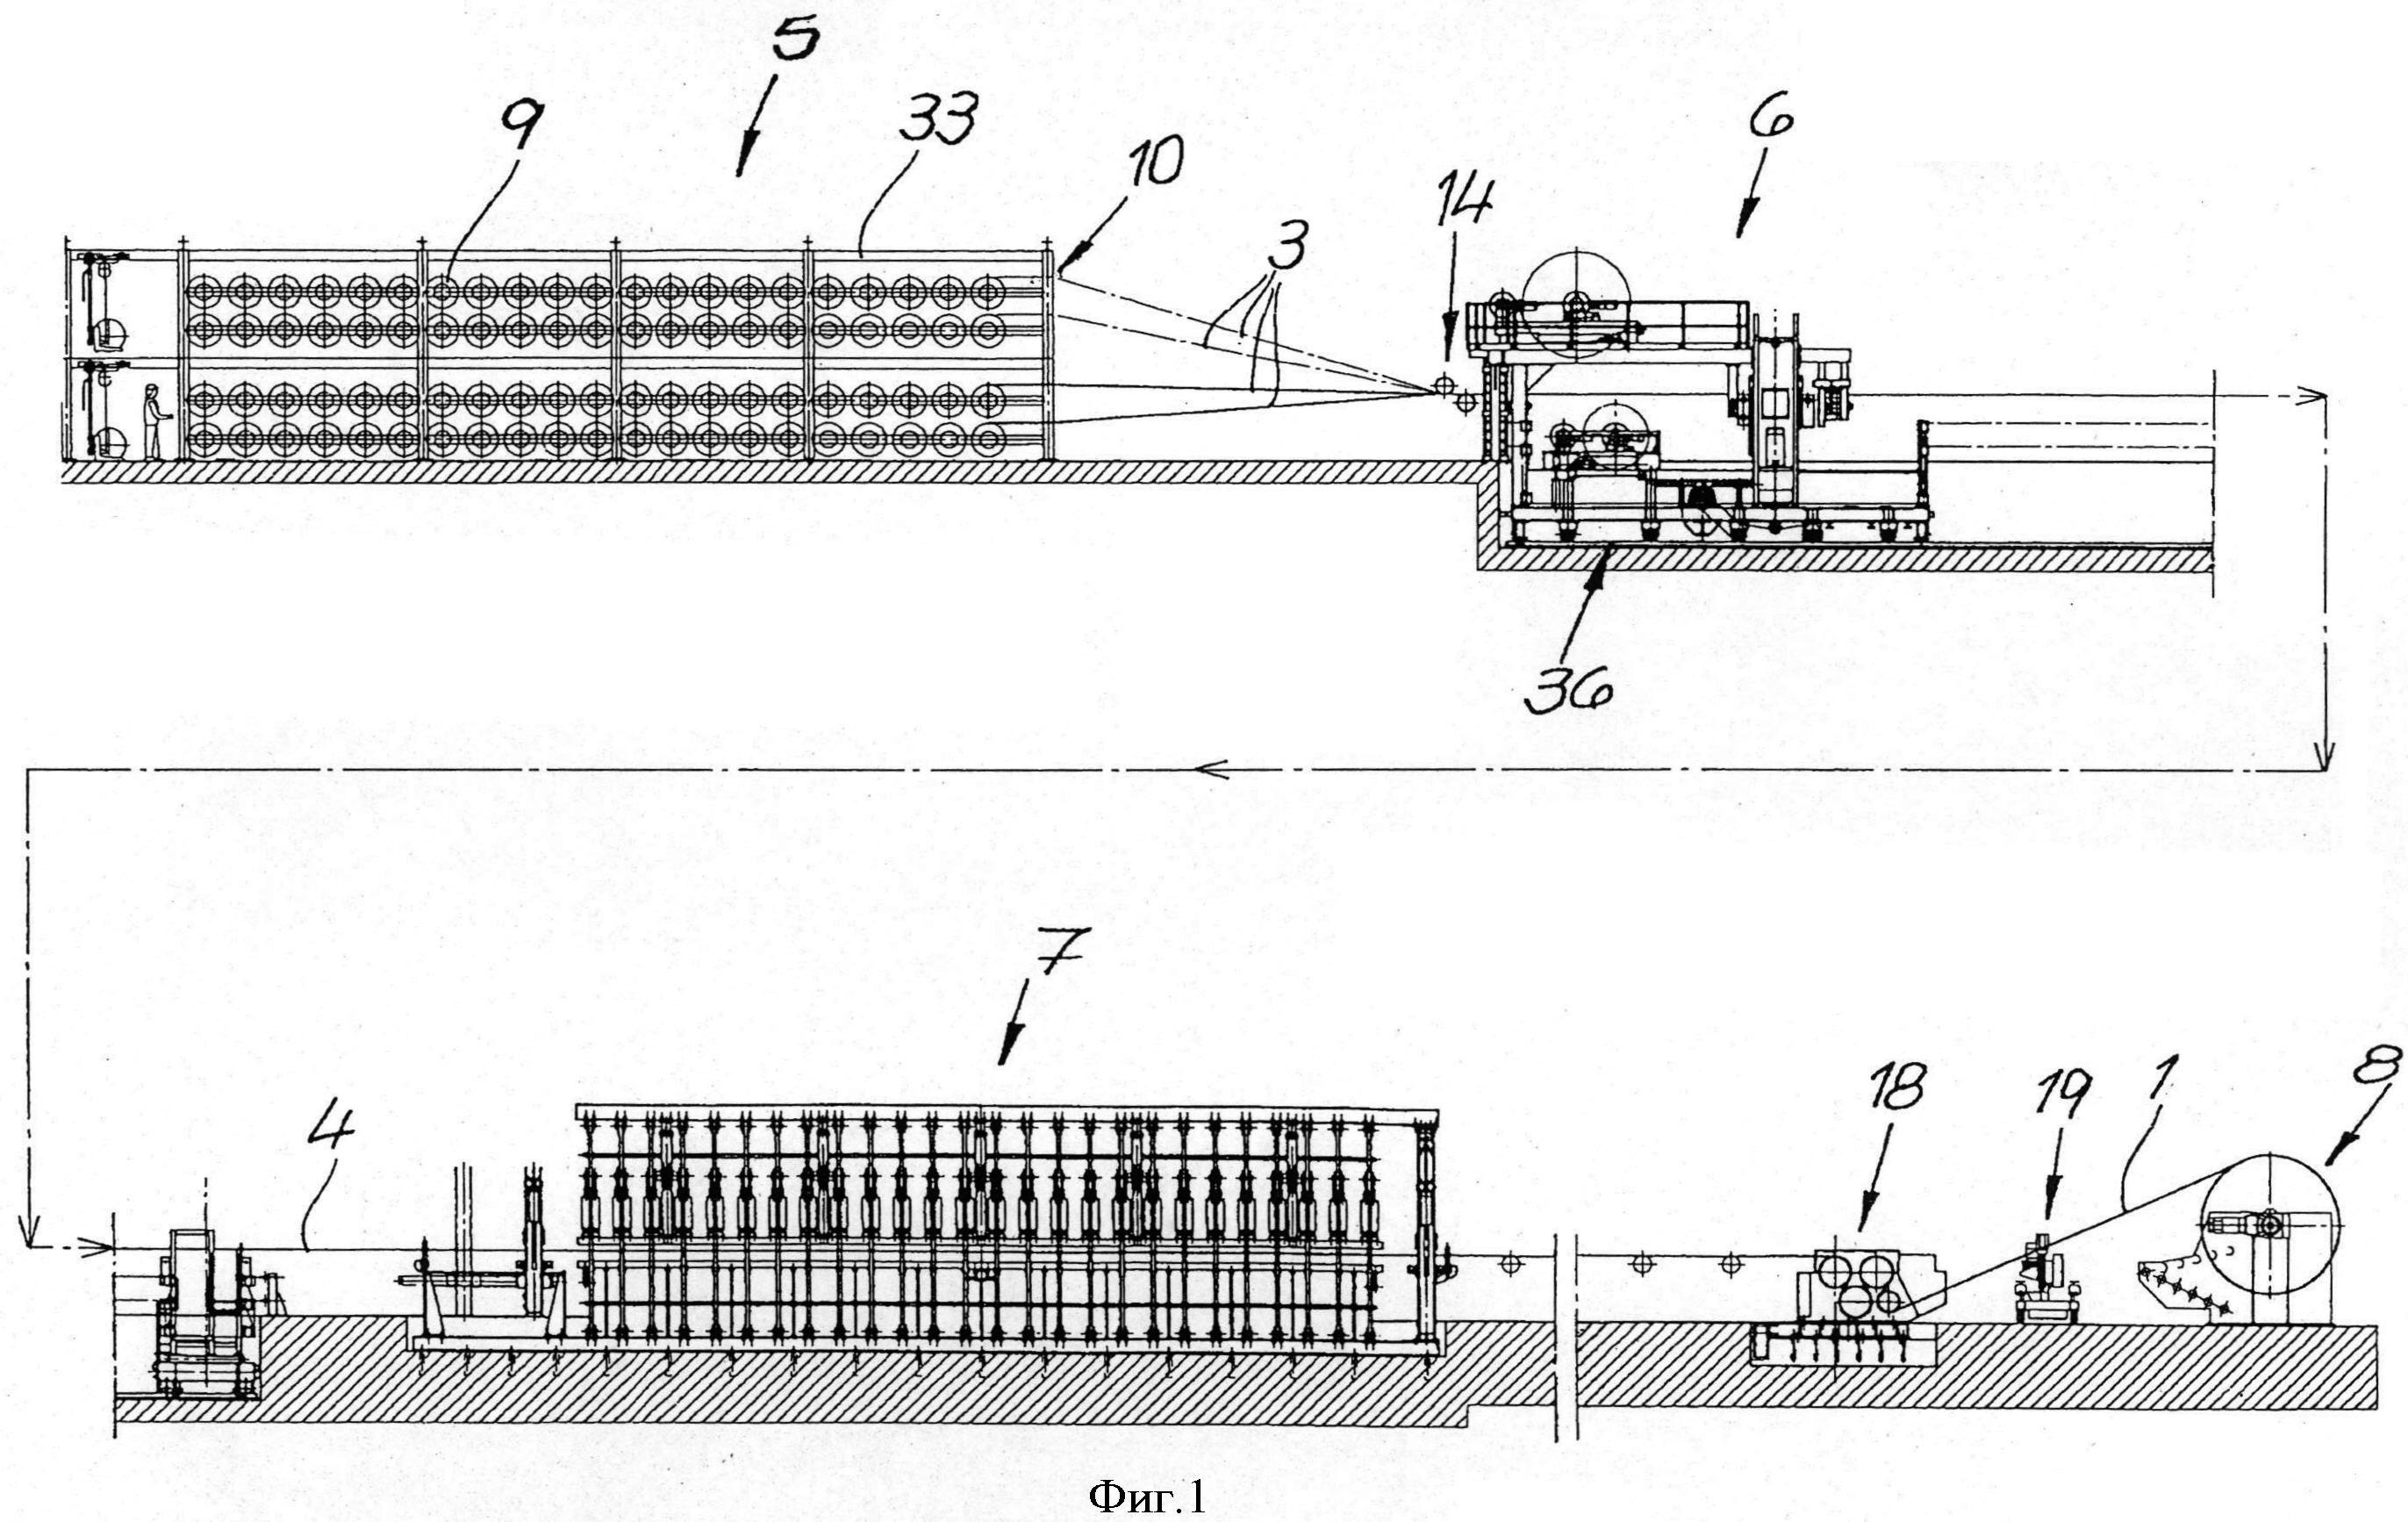 Ленточный конвейер трос ячейковые транспортеры